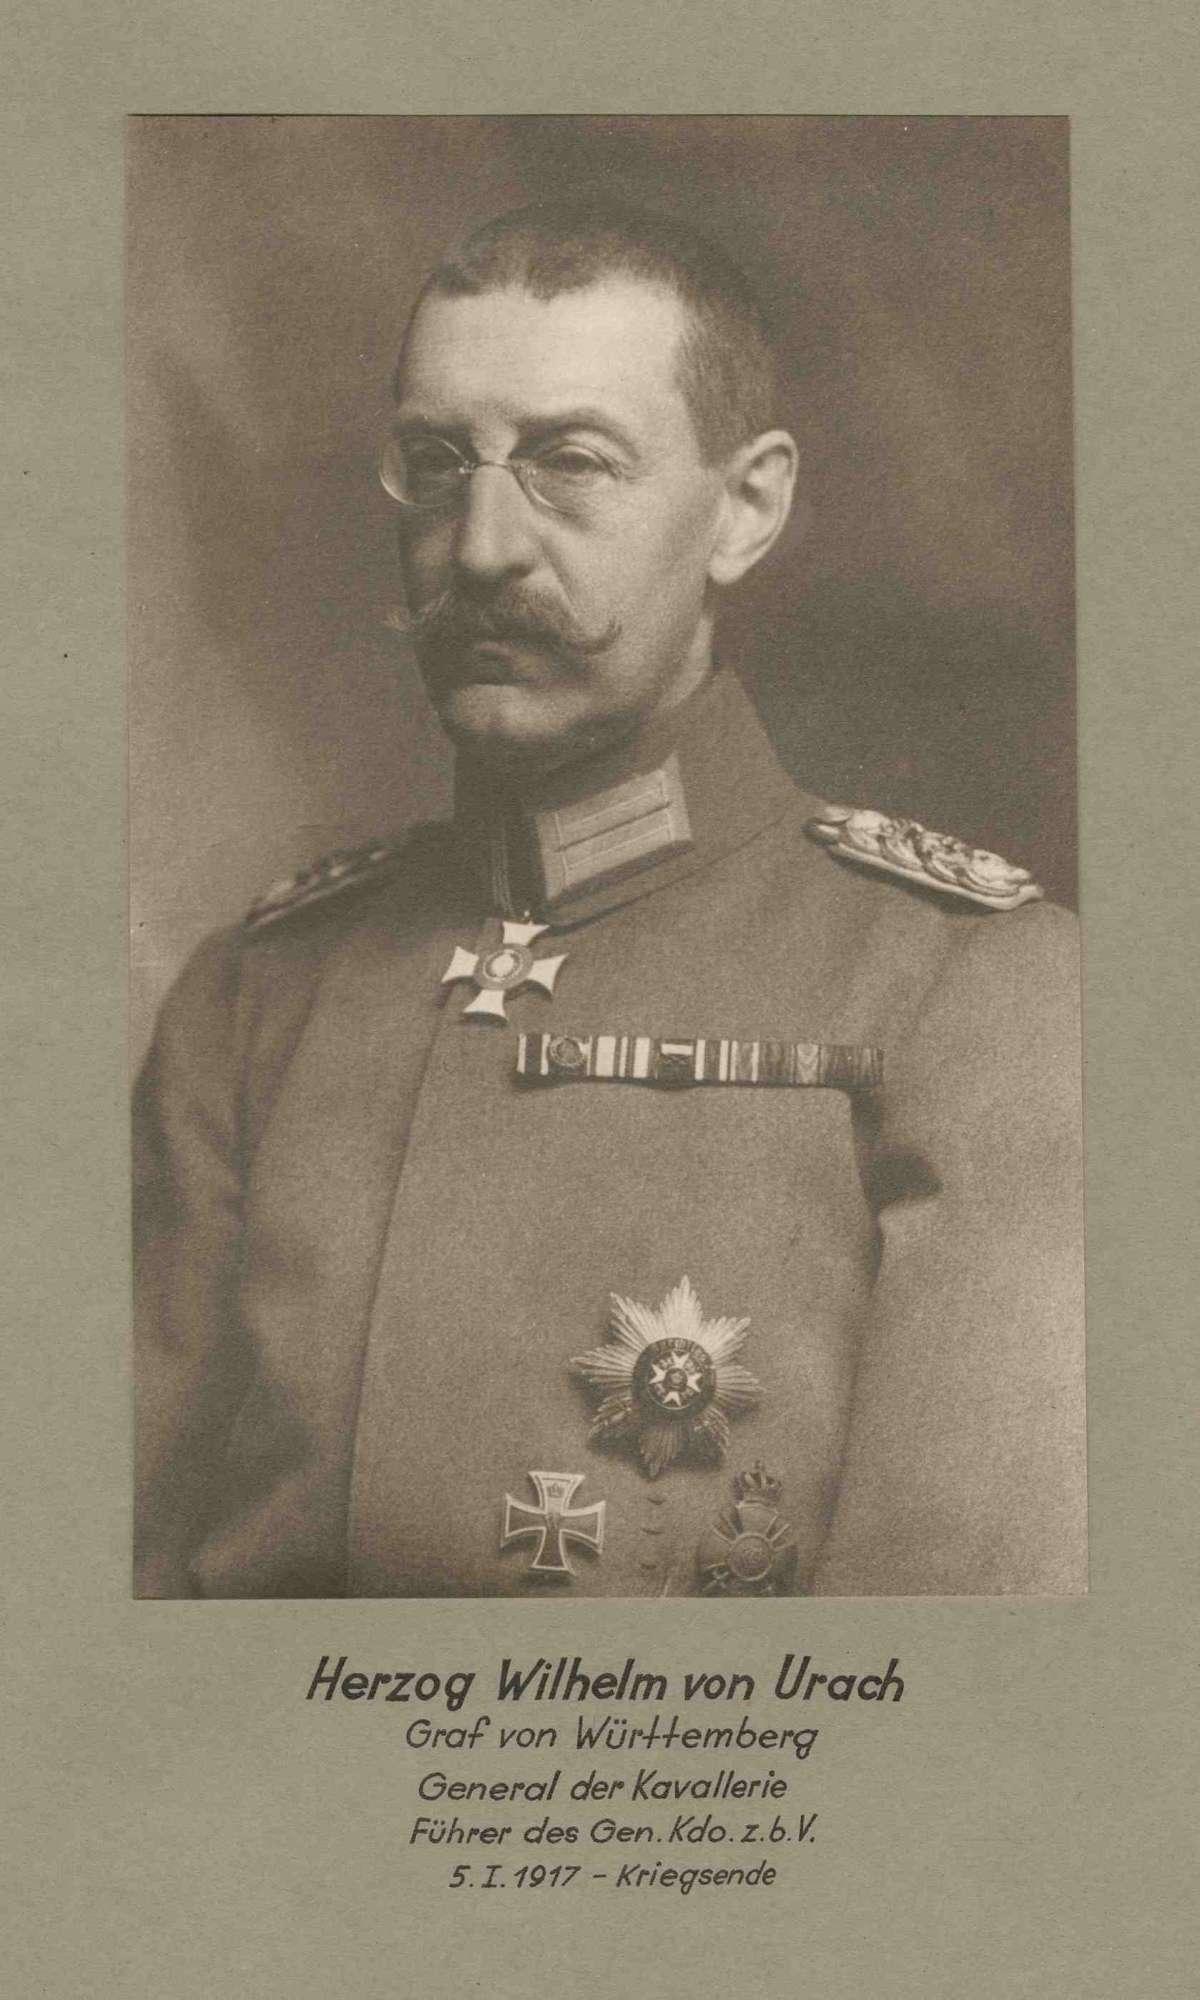 Herzog Wilhelm von Urach, Graf von Württemberg, General der Kavallerie, Kommandeur des Gen. Kdo. zur bes. Verwendung 64 von 1917-1918 in Uniform mit Orden, Brustbild in Halbprofil, Bild 1